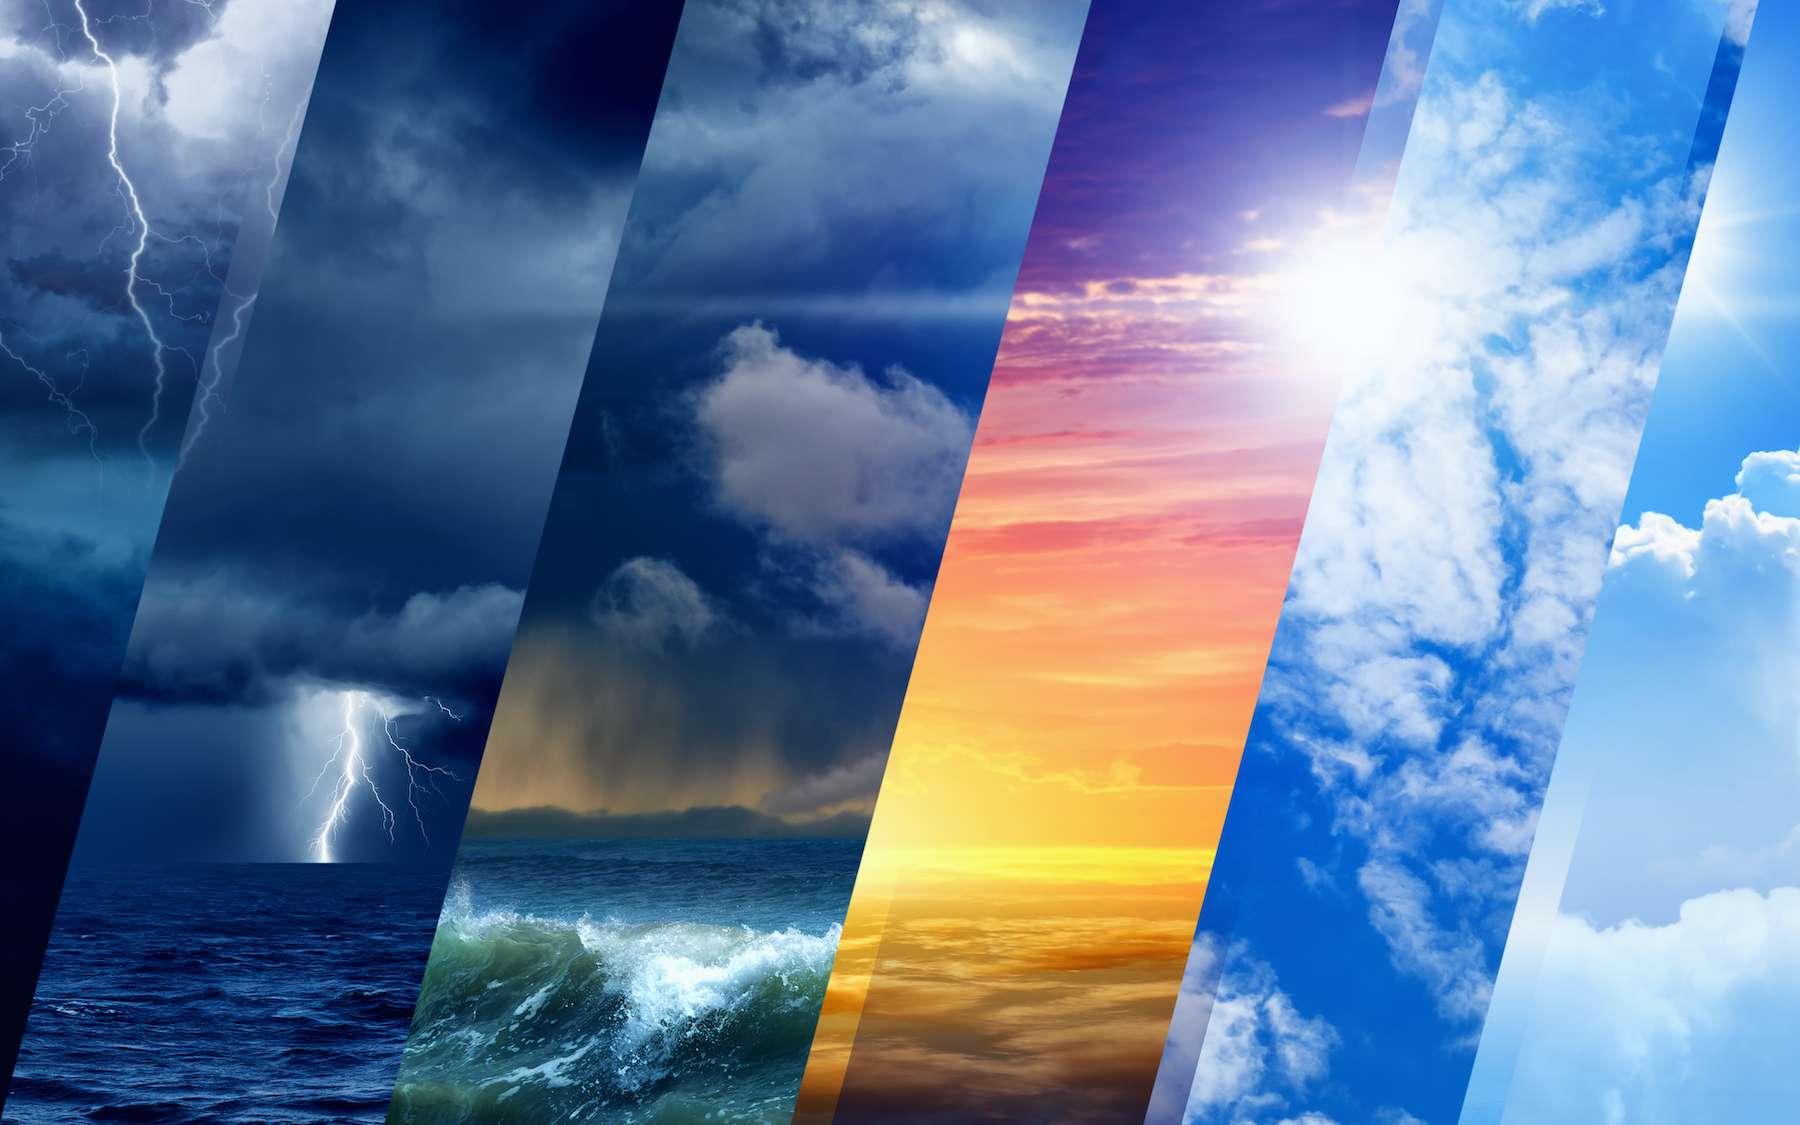 Pluie, tornades, températures,… 10 questions sur la météo. © IgorZh, Adobe Stock